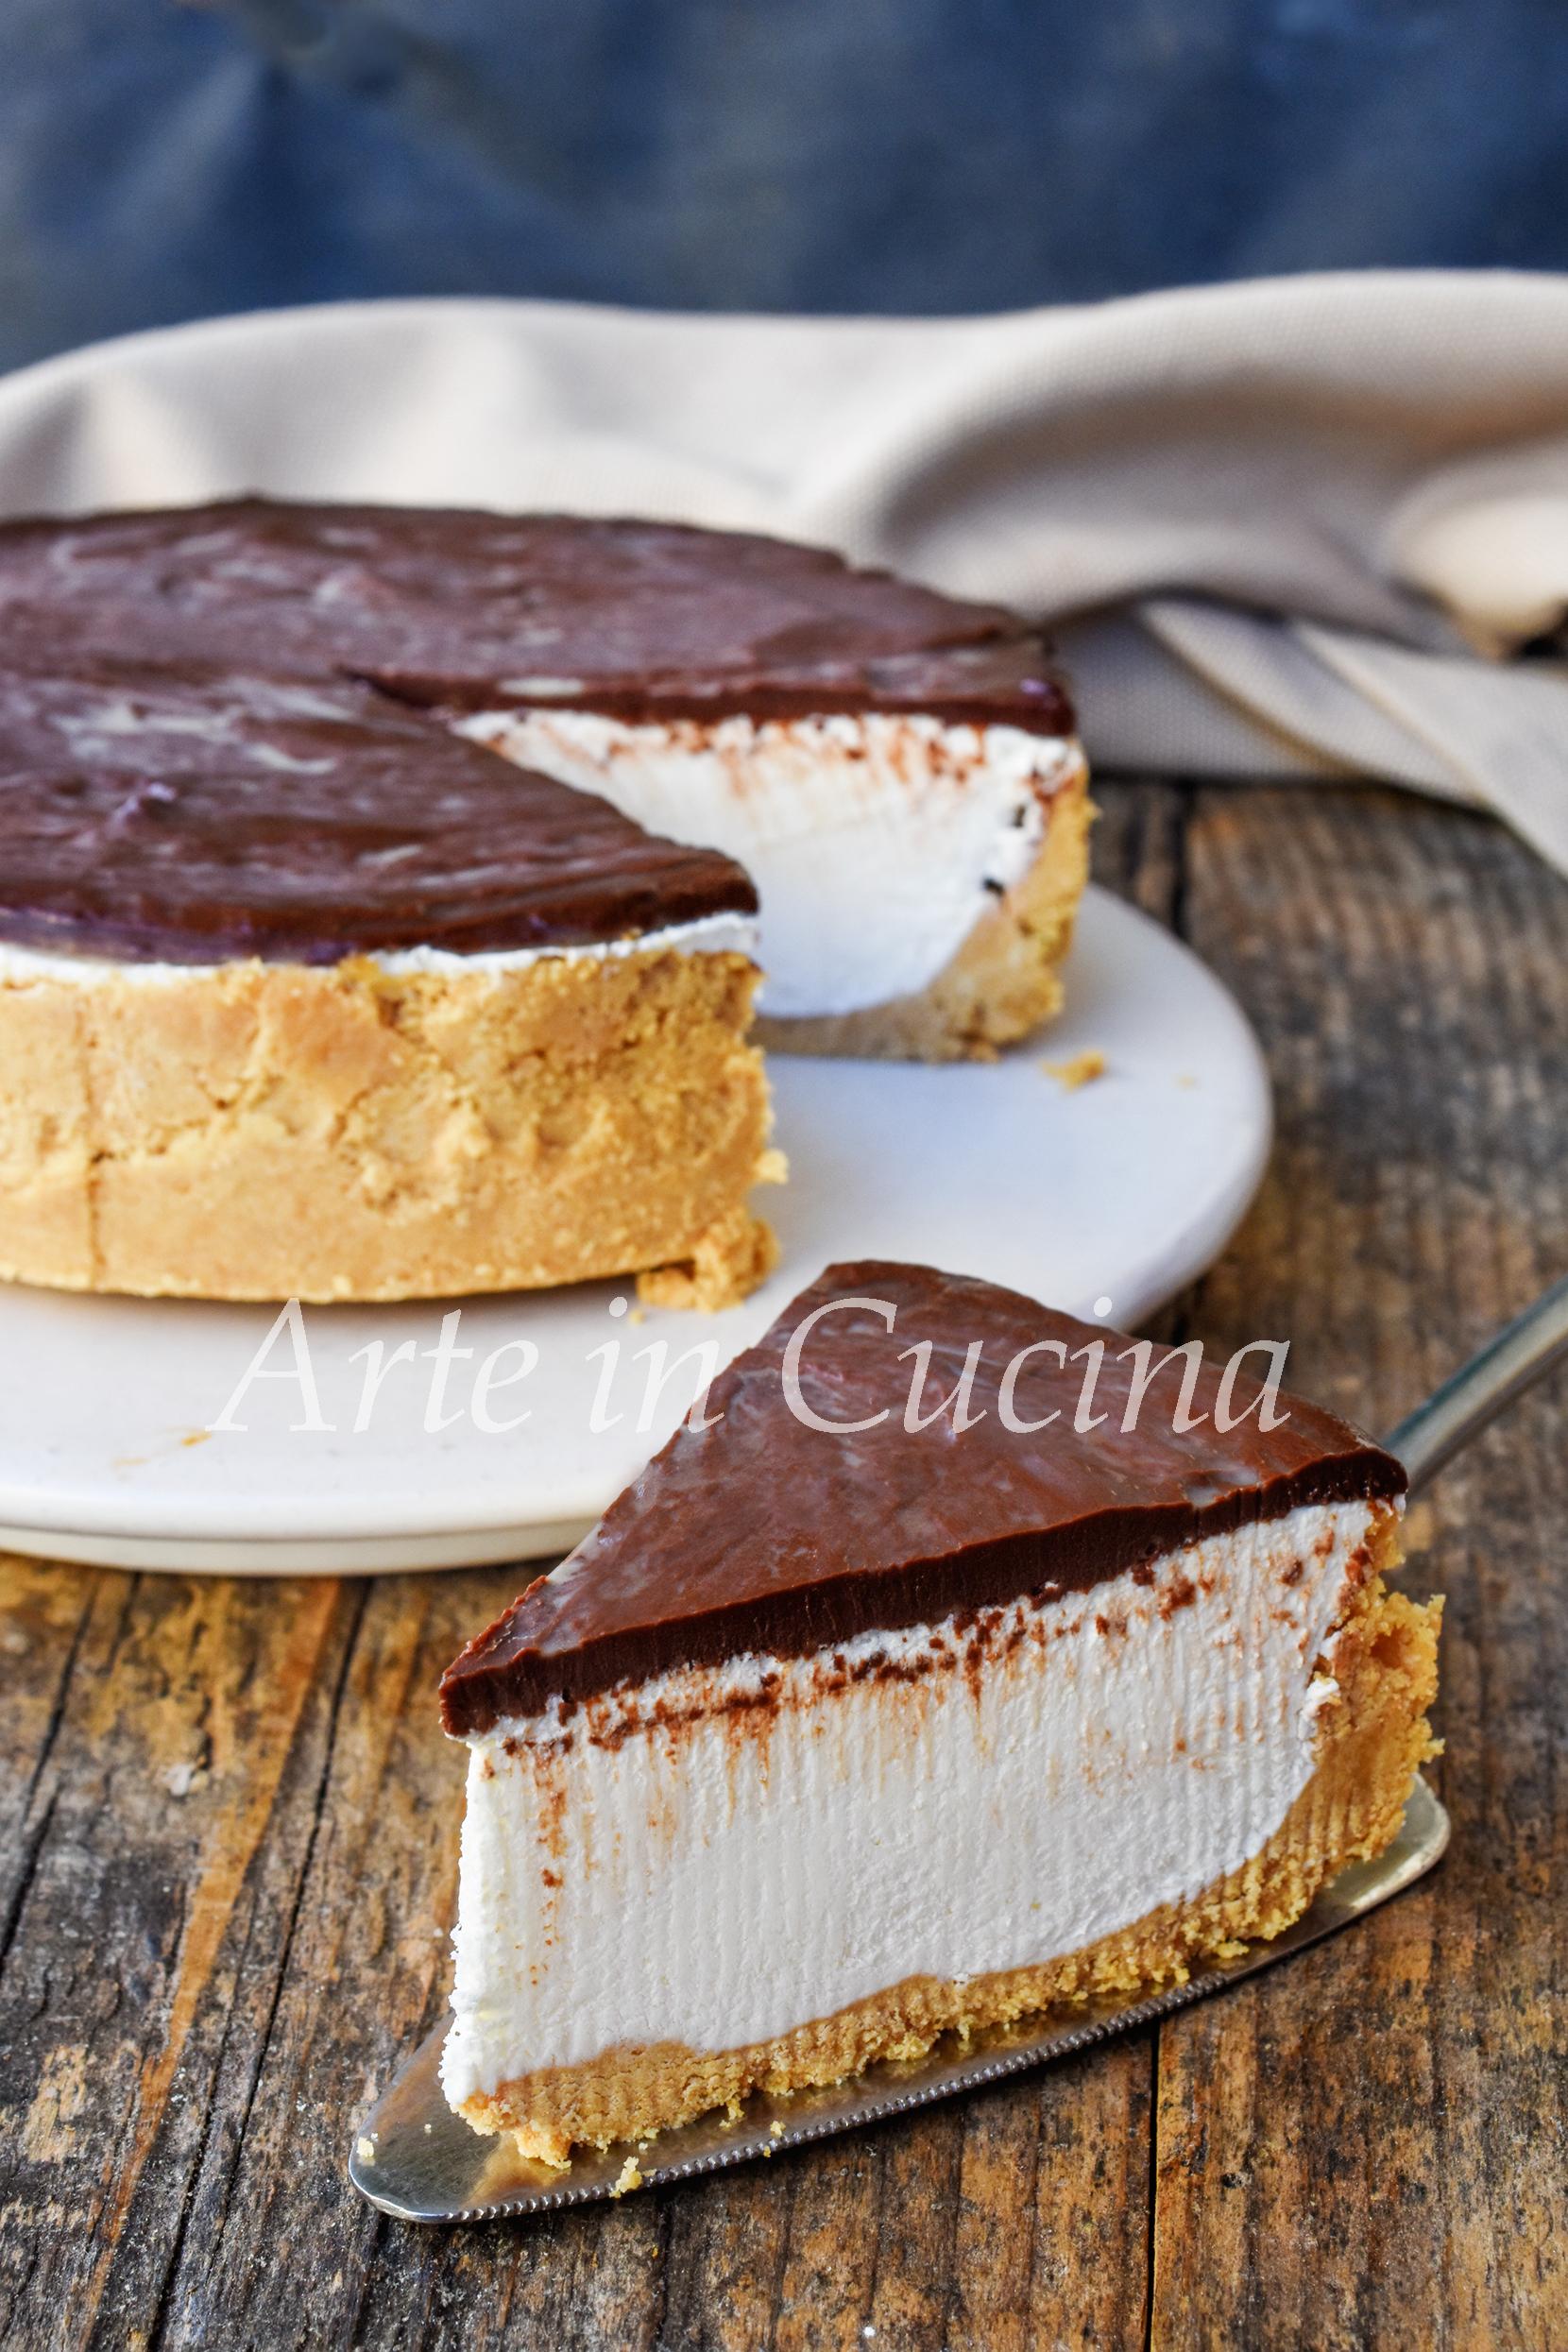 TORTA SUSANNA FREDDA ricetta dolce veloce e facile solo su ARTE IN CUCINA